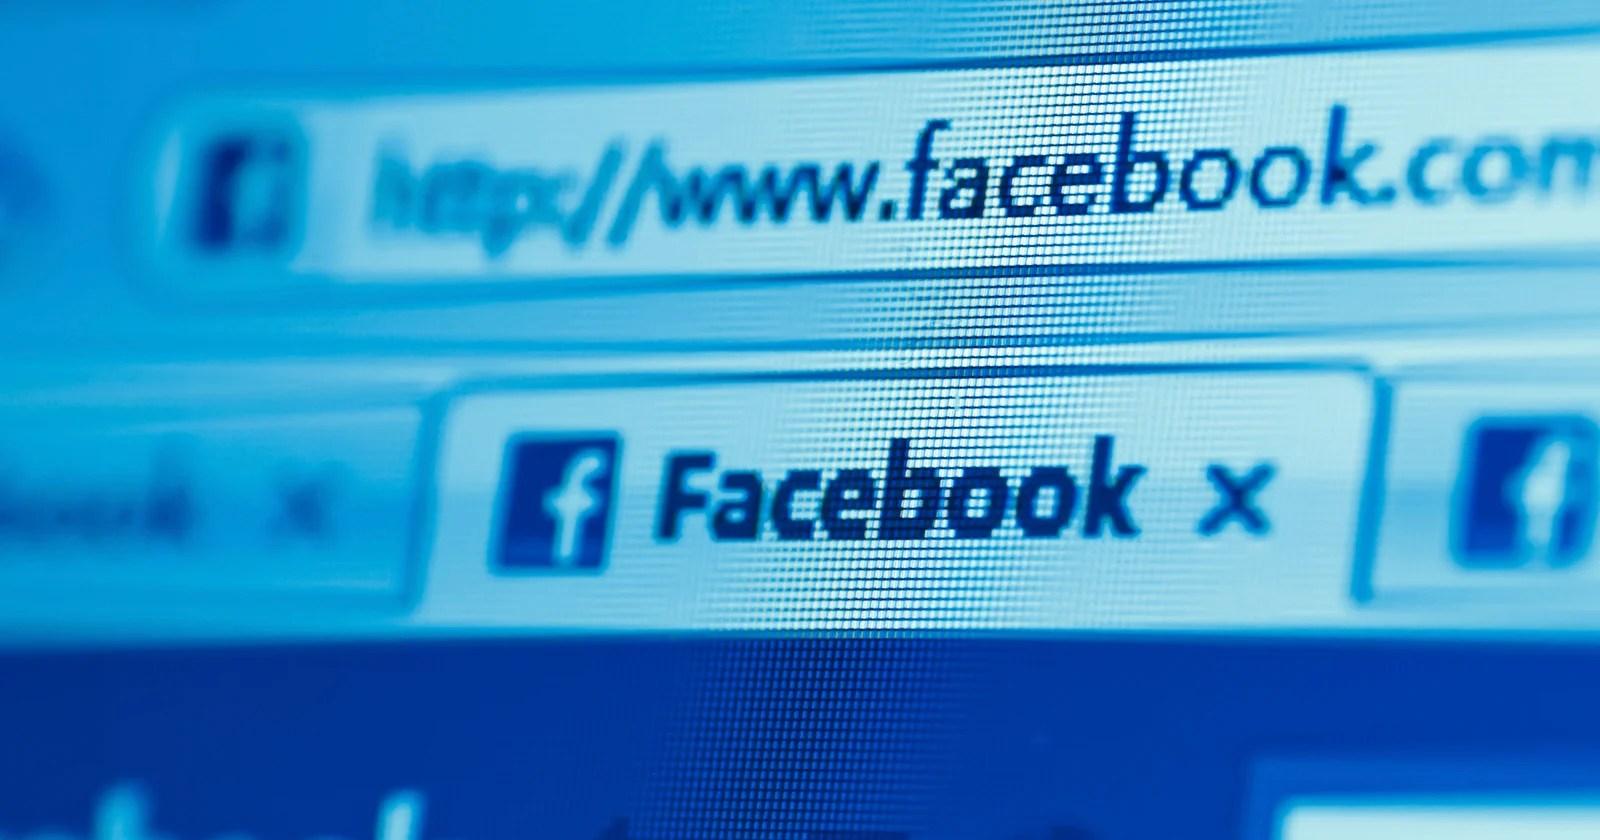 Le informazioni di 533 milioni di utenti di Facebook sono state trapelate online